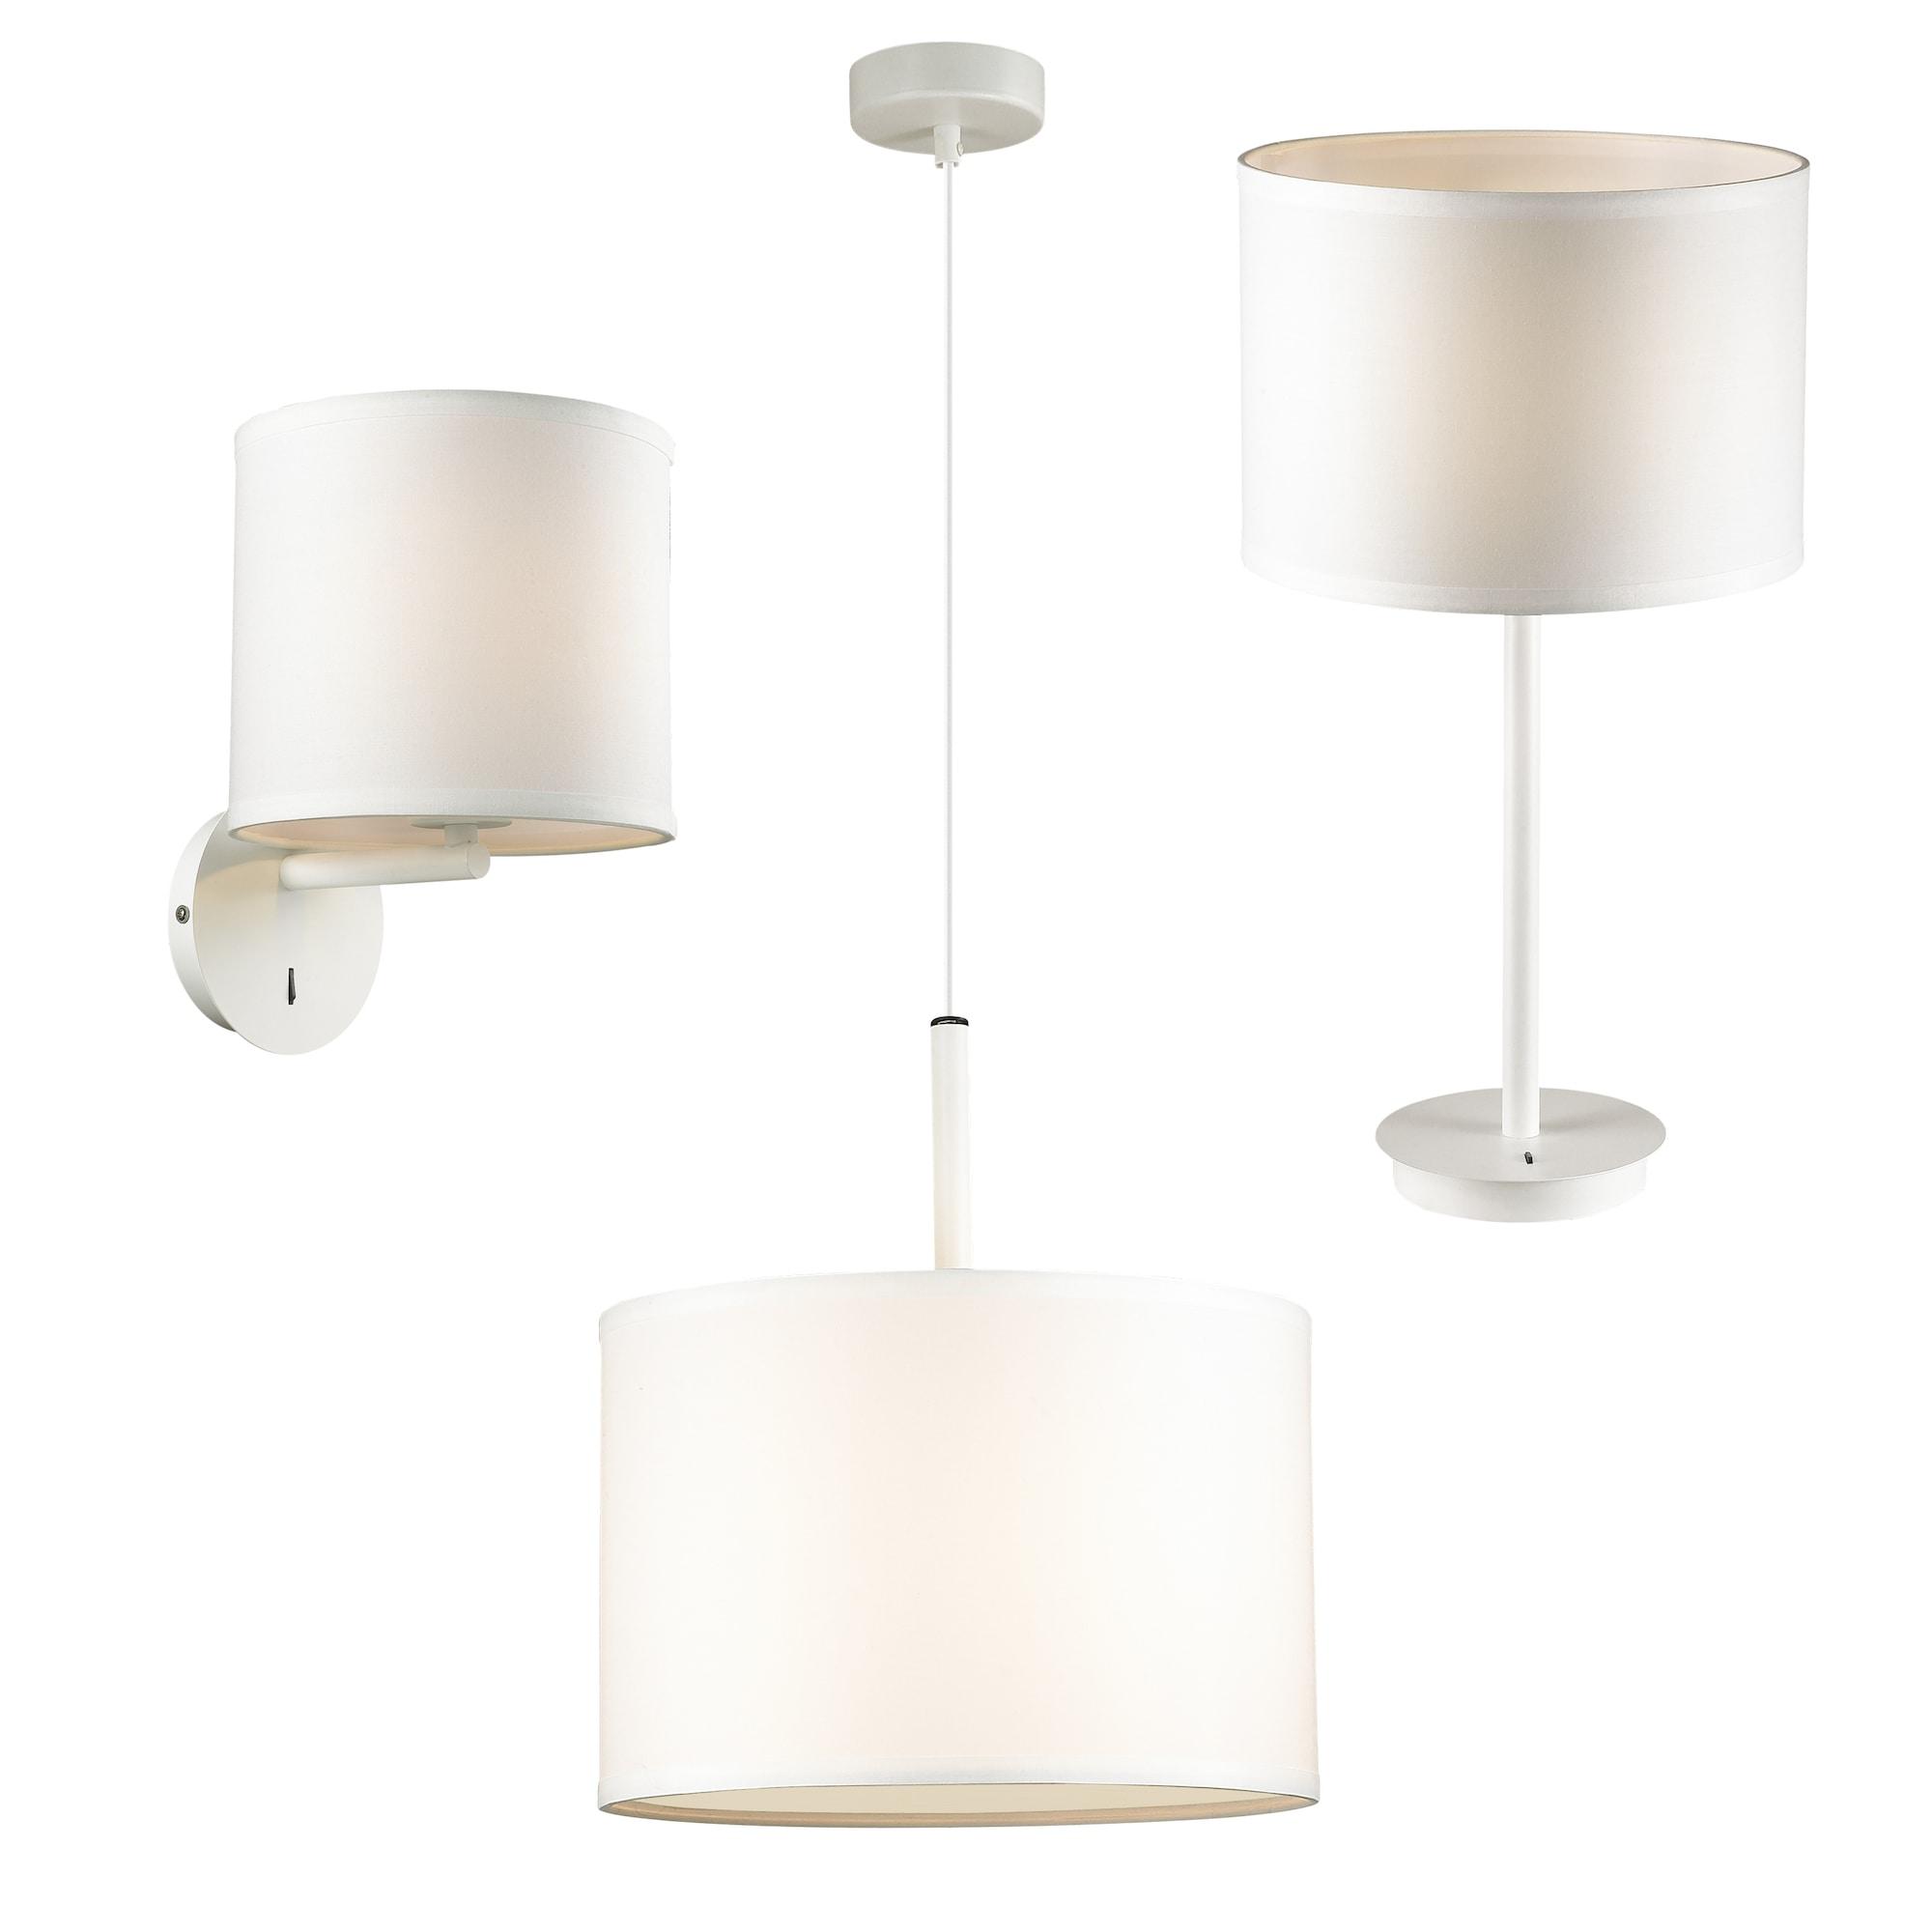 Lampen-Set